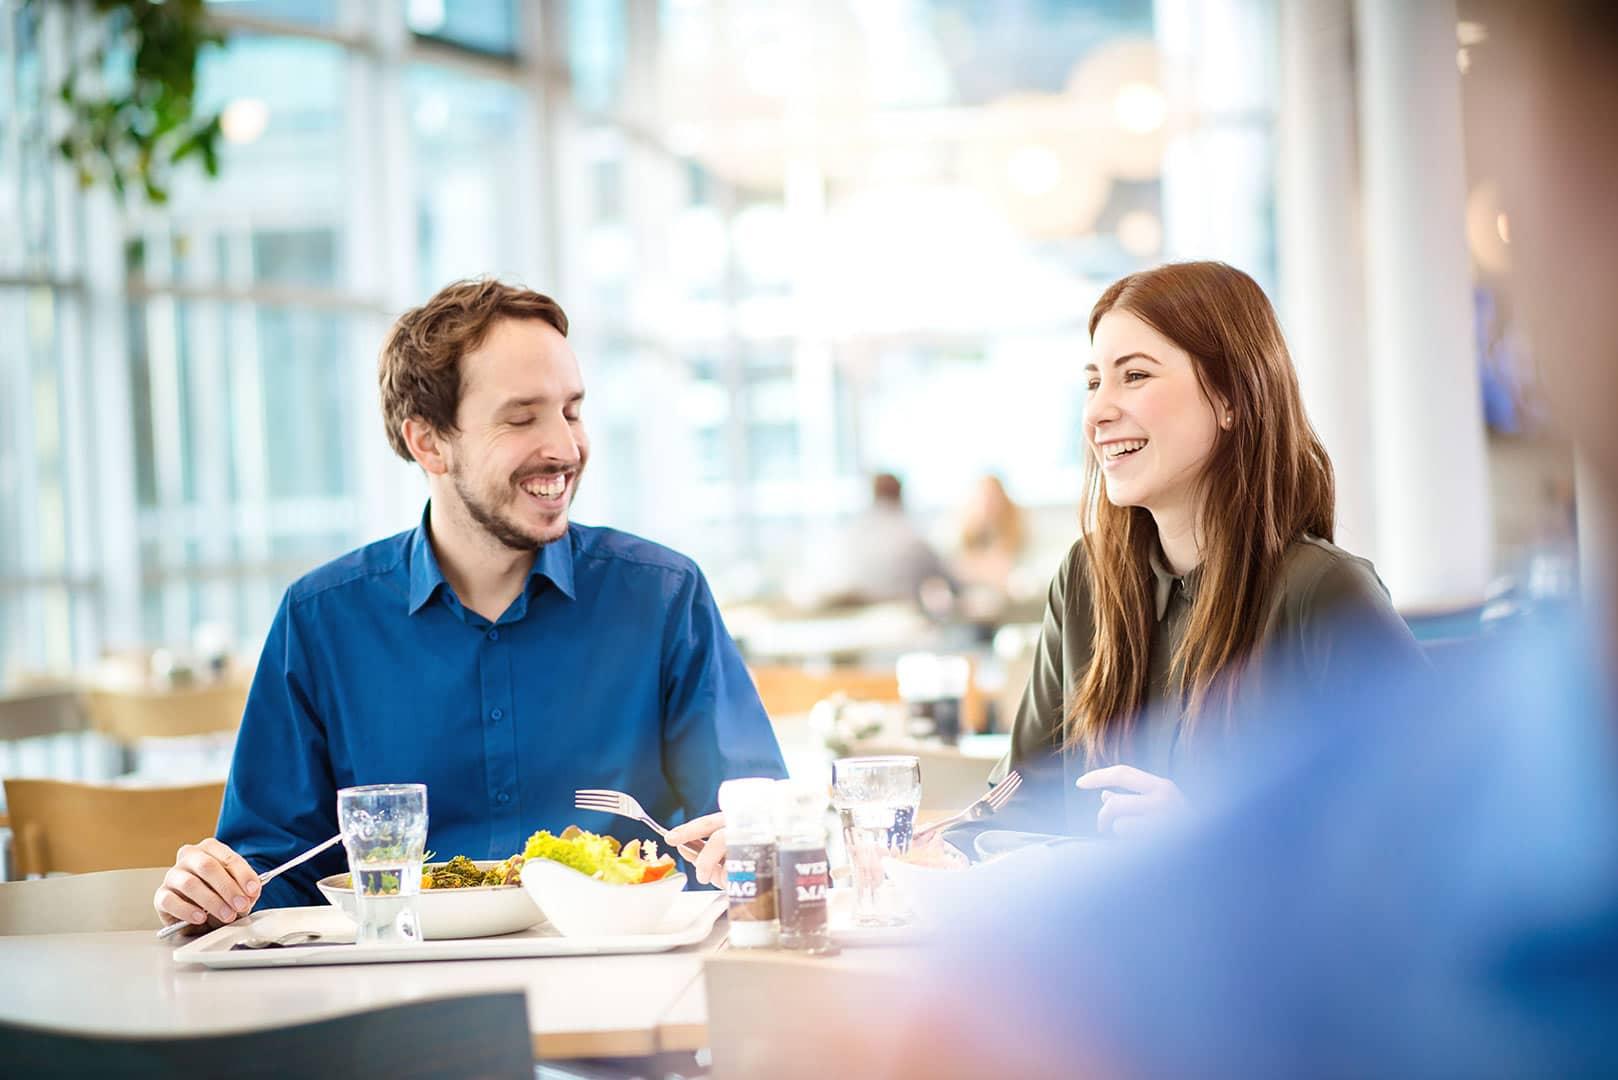 fröhliche Mitarbeiter bei Essen in einer Kantine, lachend